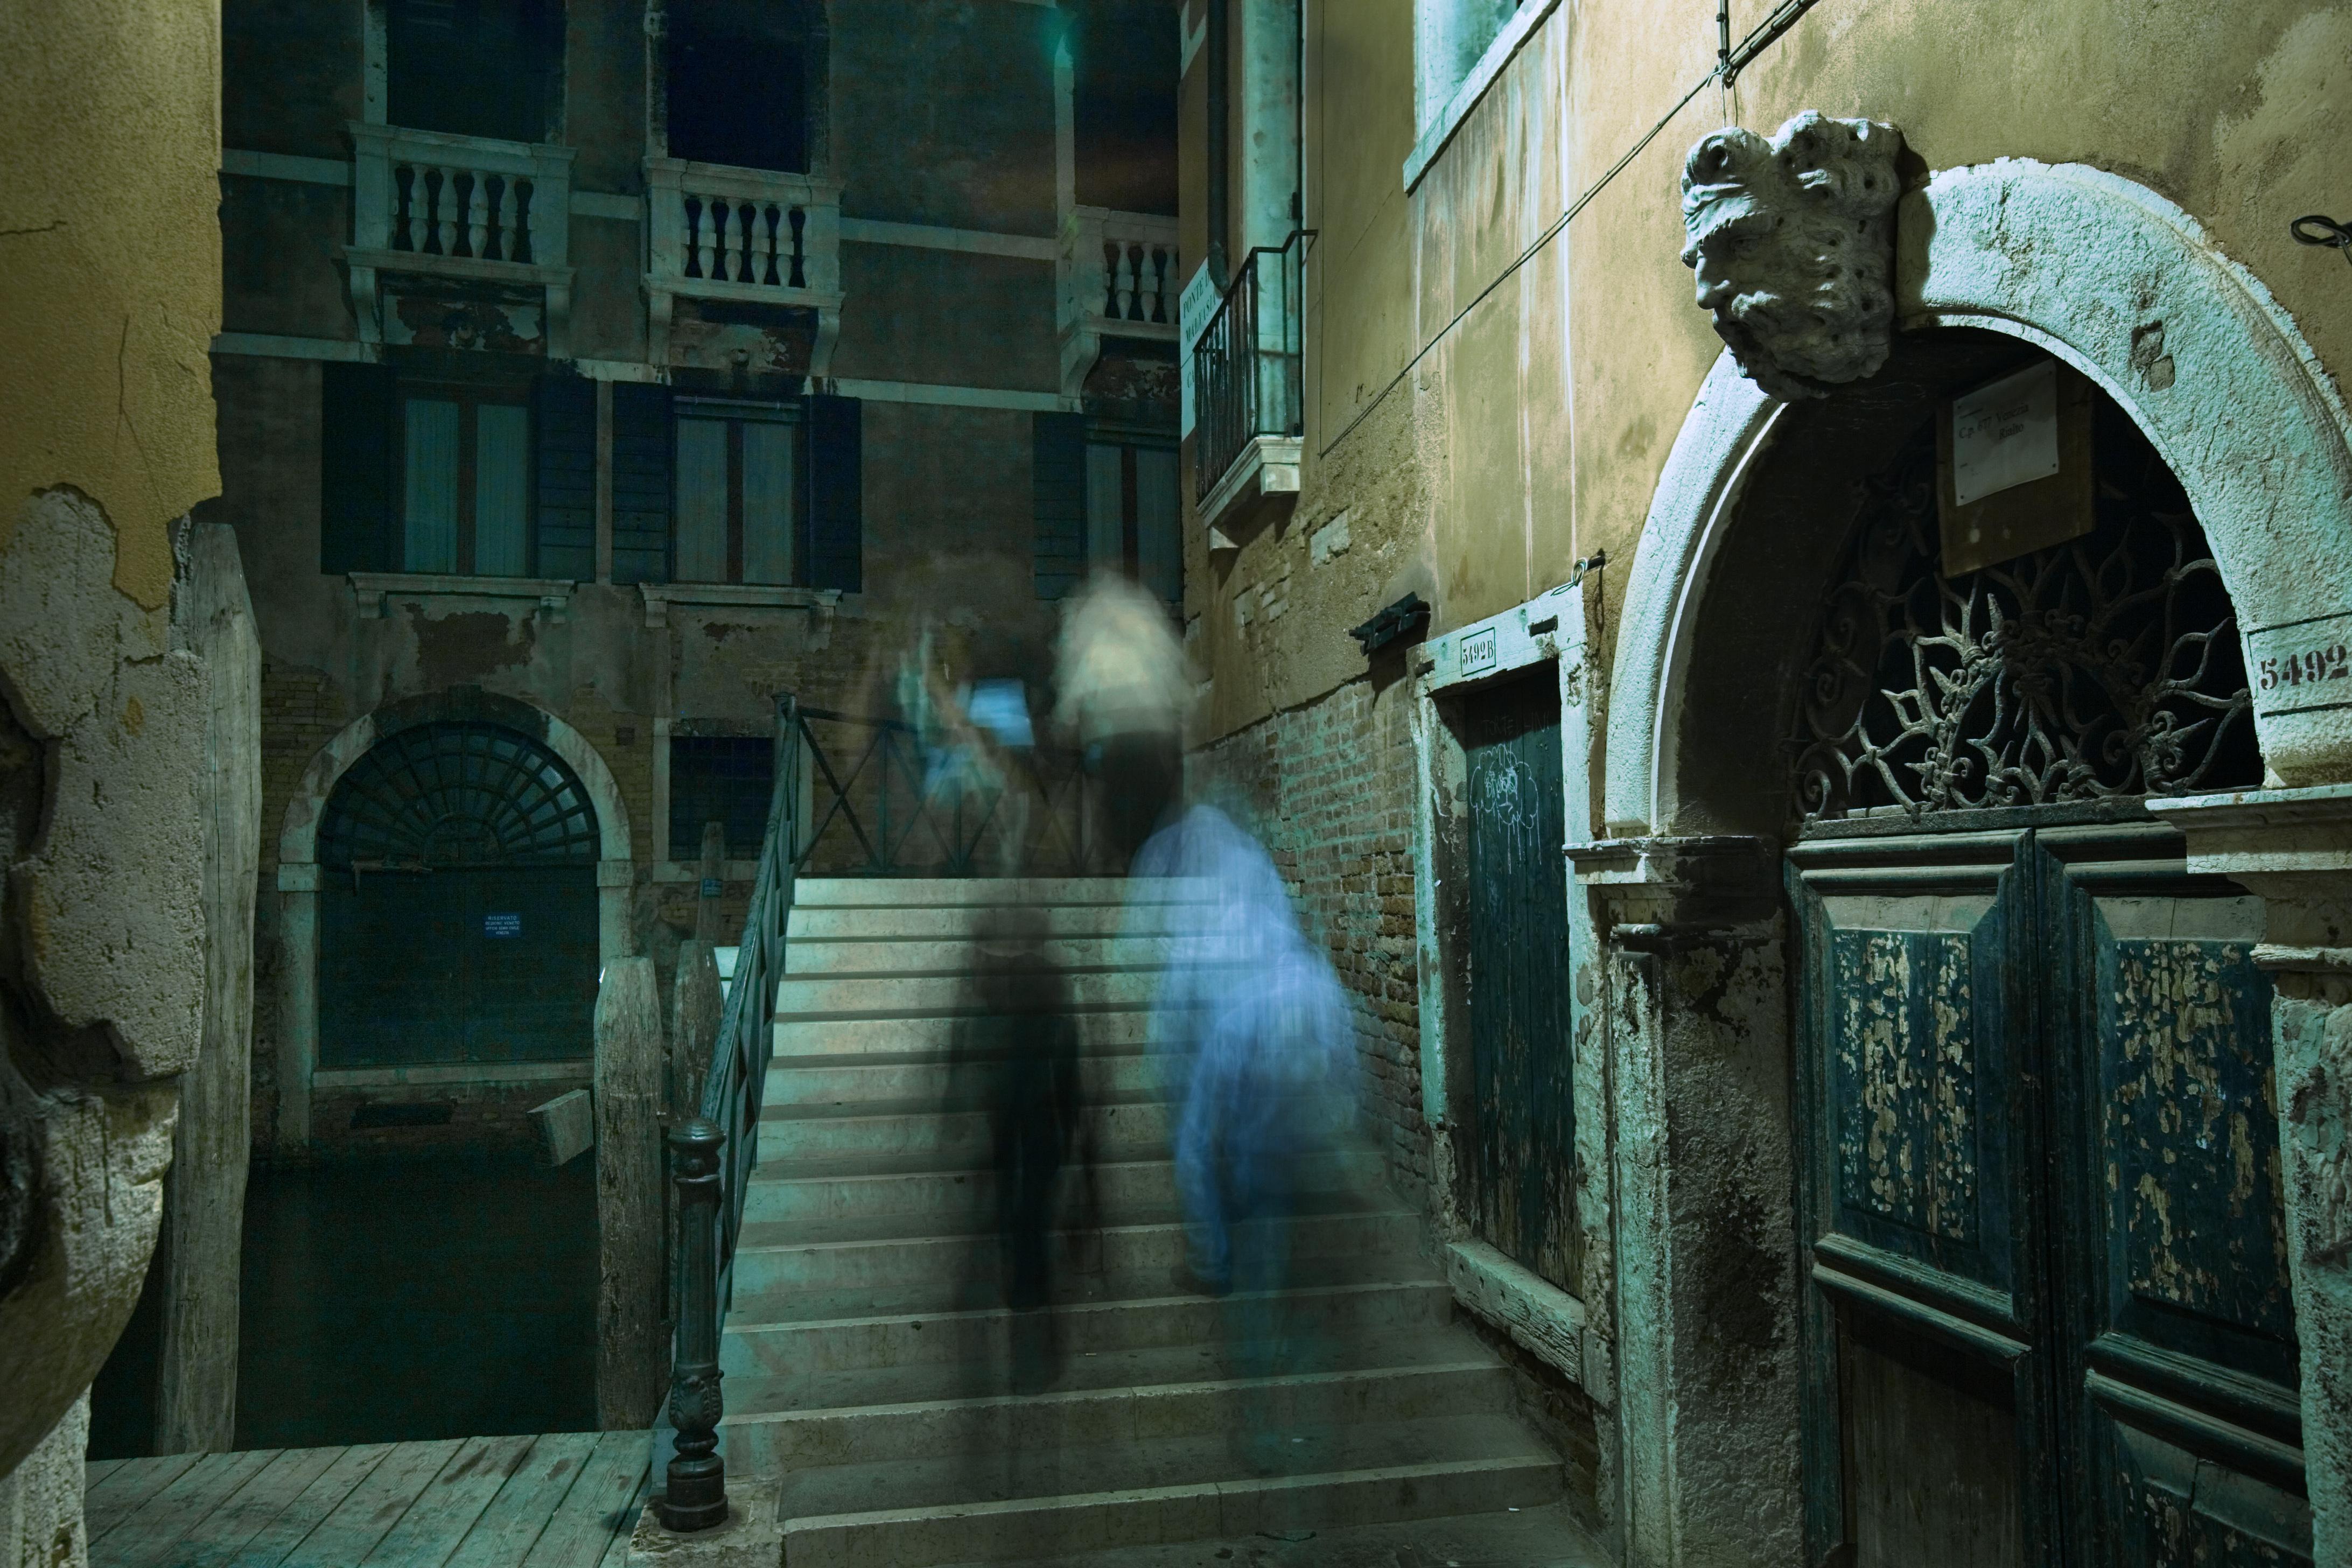 Venezia fantasmi